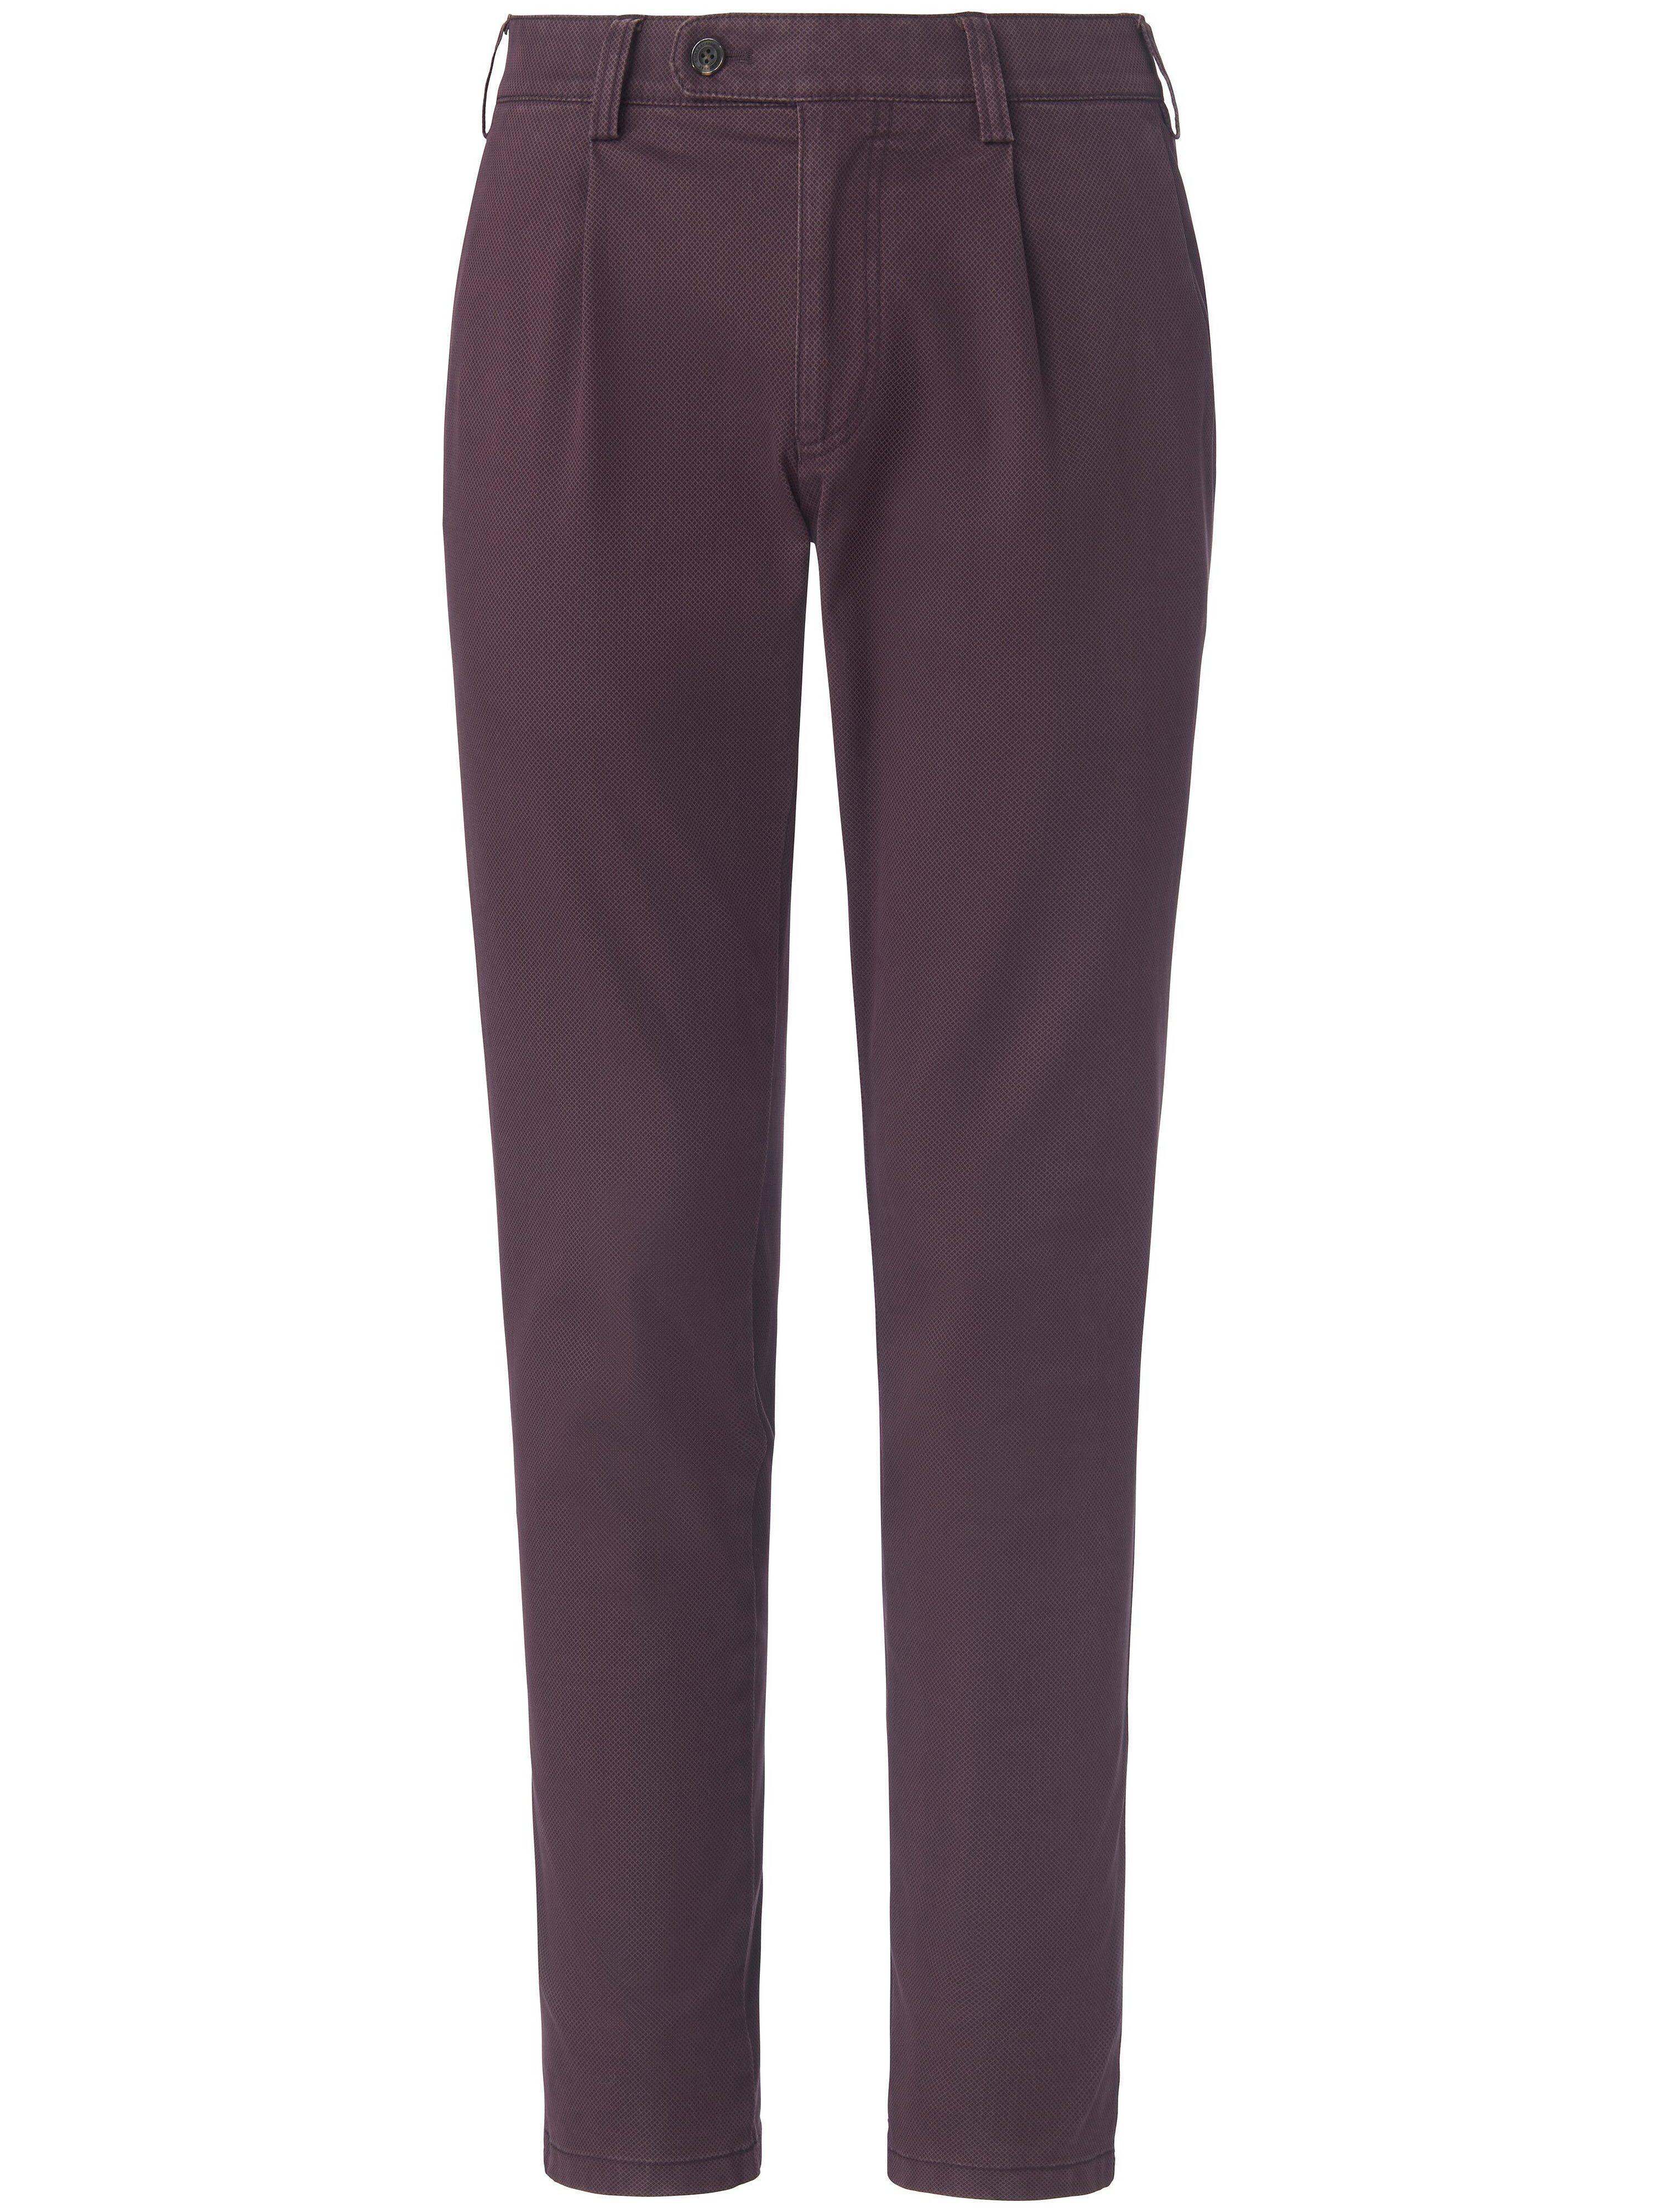 Brax Le pantalon à pinces modèle Luis  Eurex by Brax mauve  - Homme - 25